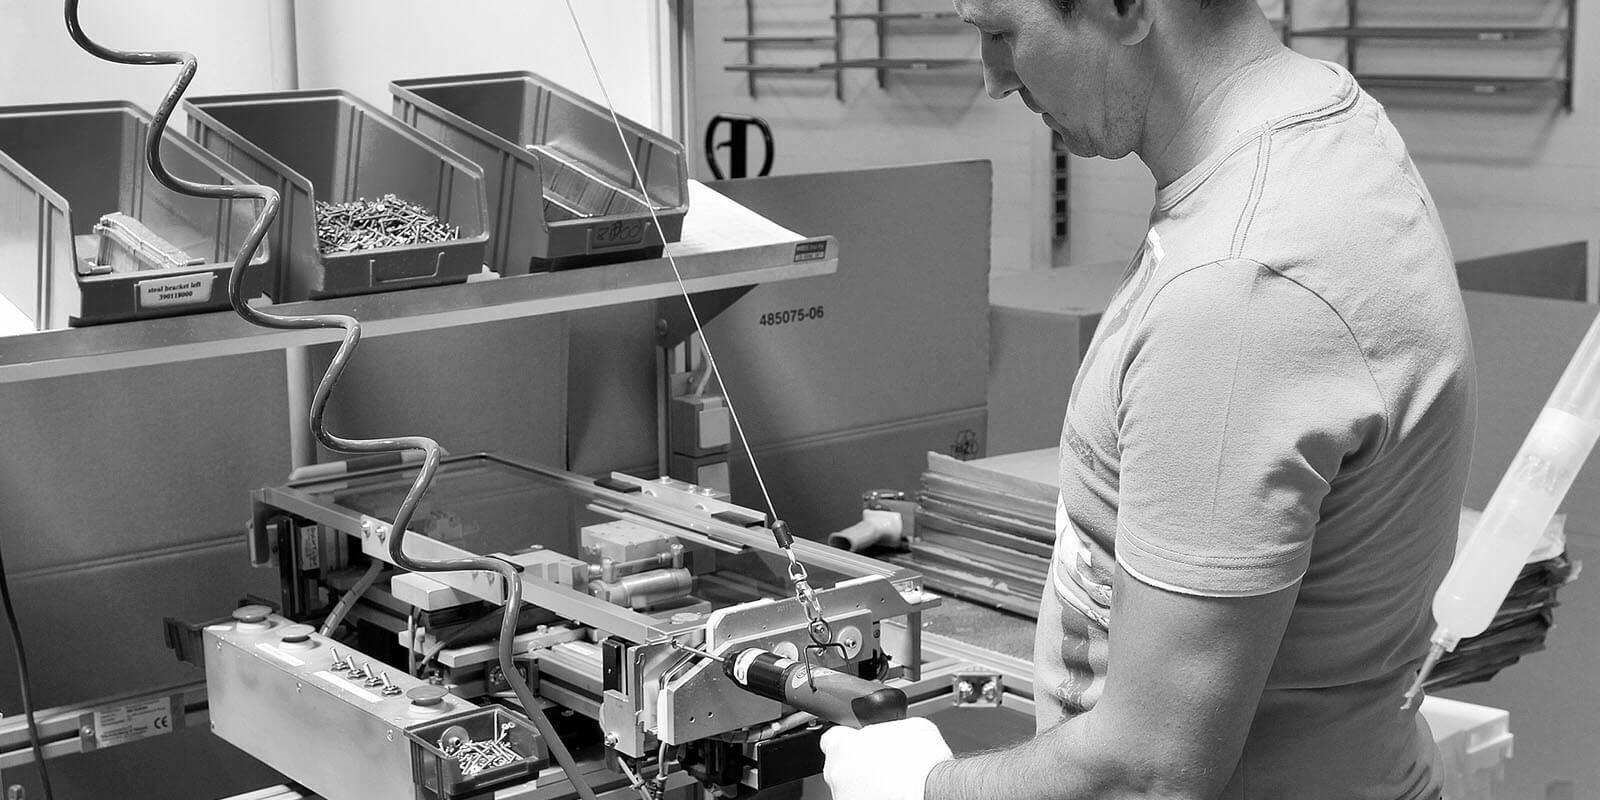 Bild in schwarz weiß eines HDO Mitarbeiters in der Produktion